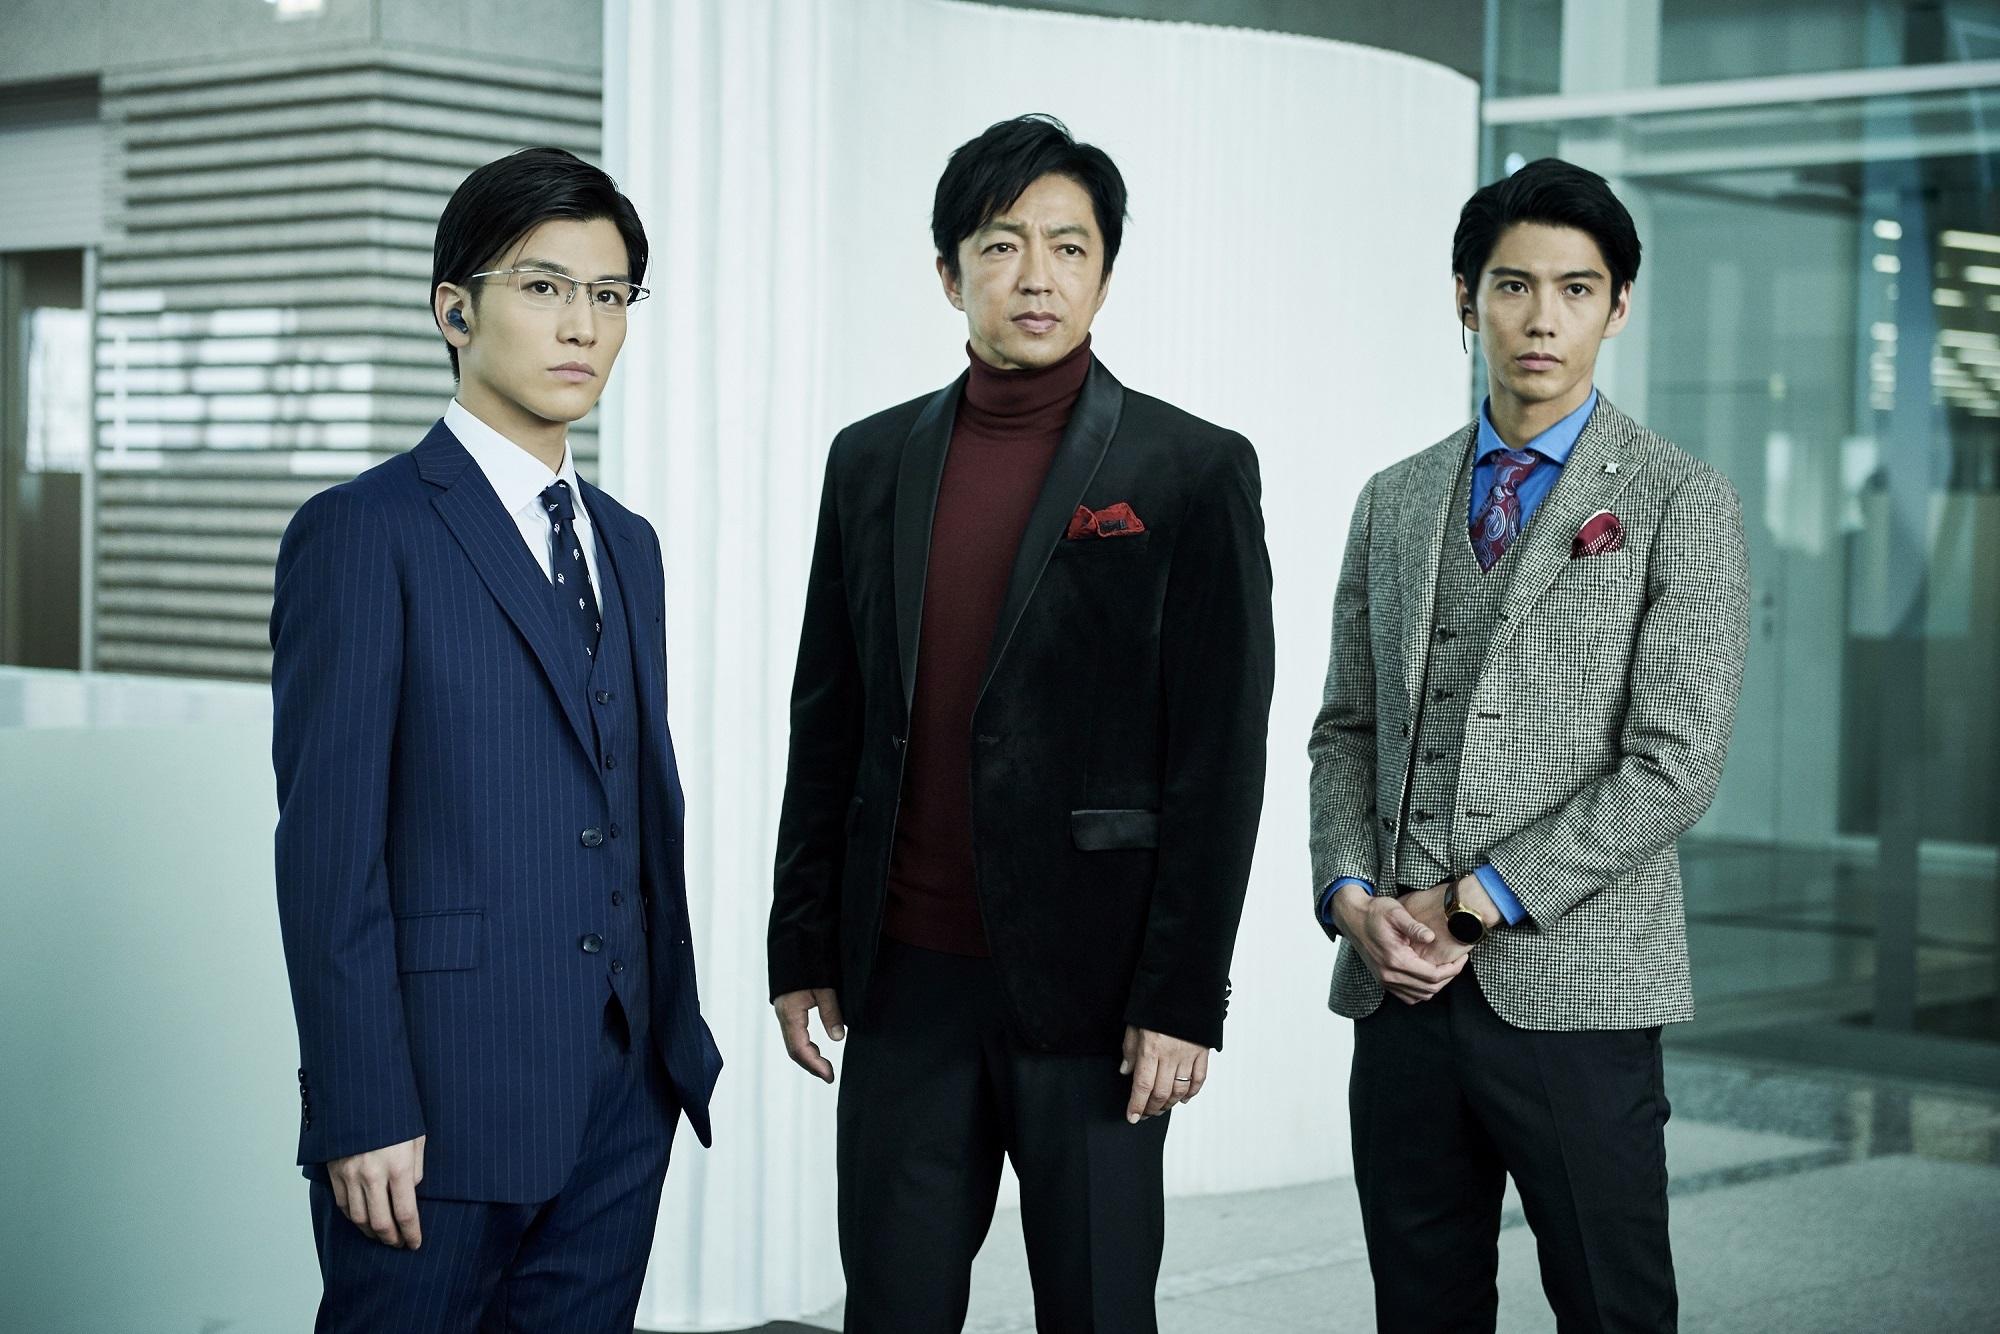 左から、岩田剛典(EXILE/三代目 J Soul Brothers)、大沢たかお、賀来賢人 (C)2019 映画「AI 崩壊」製作委員会